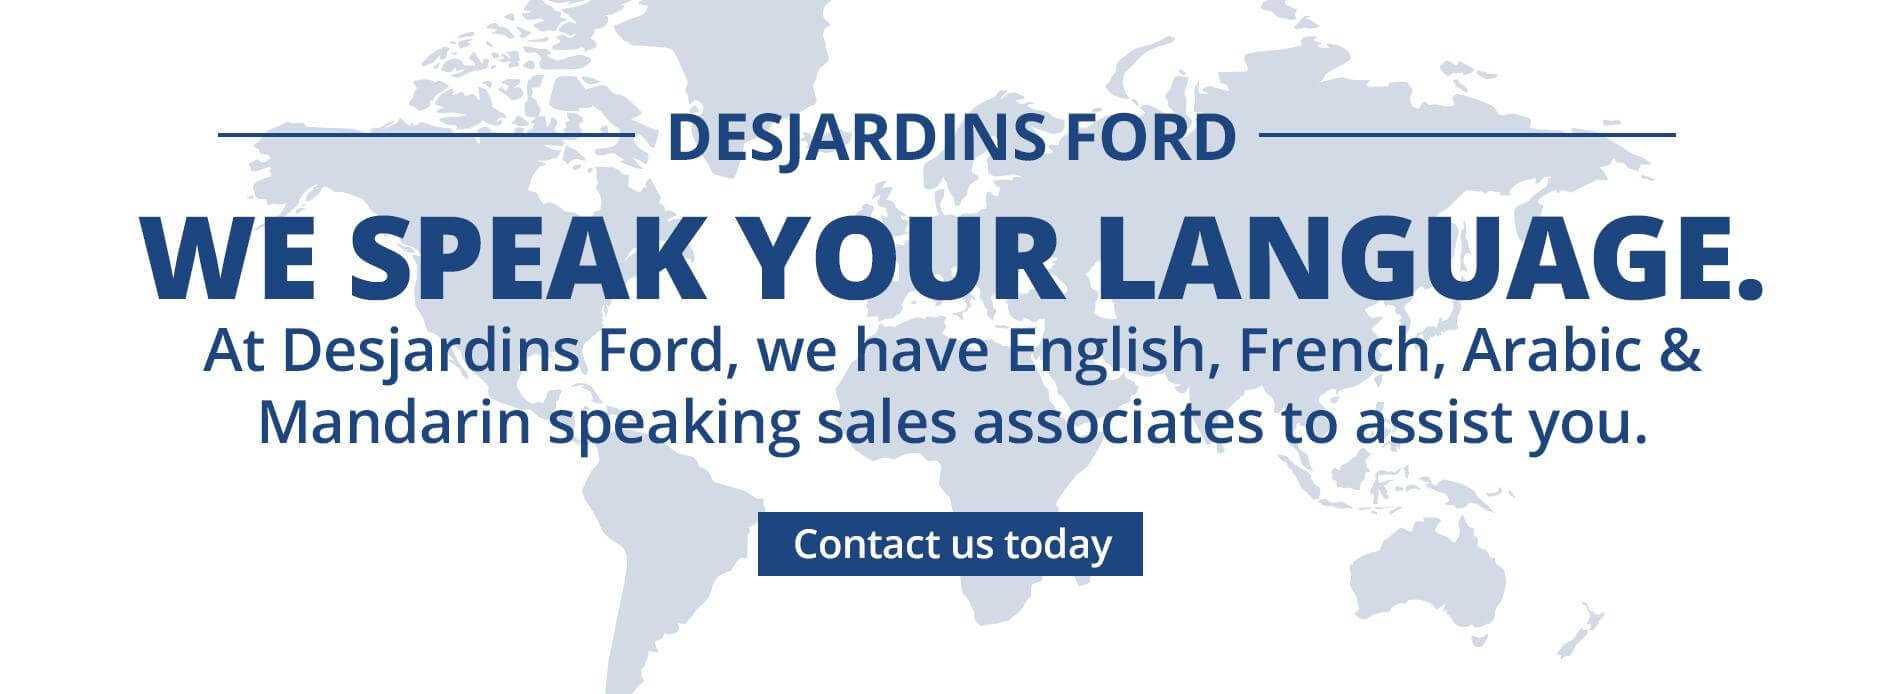 We speak your language Desjardins Ford